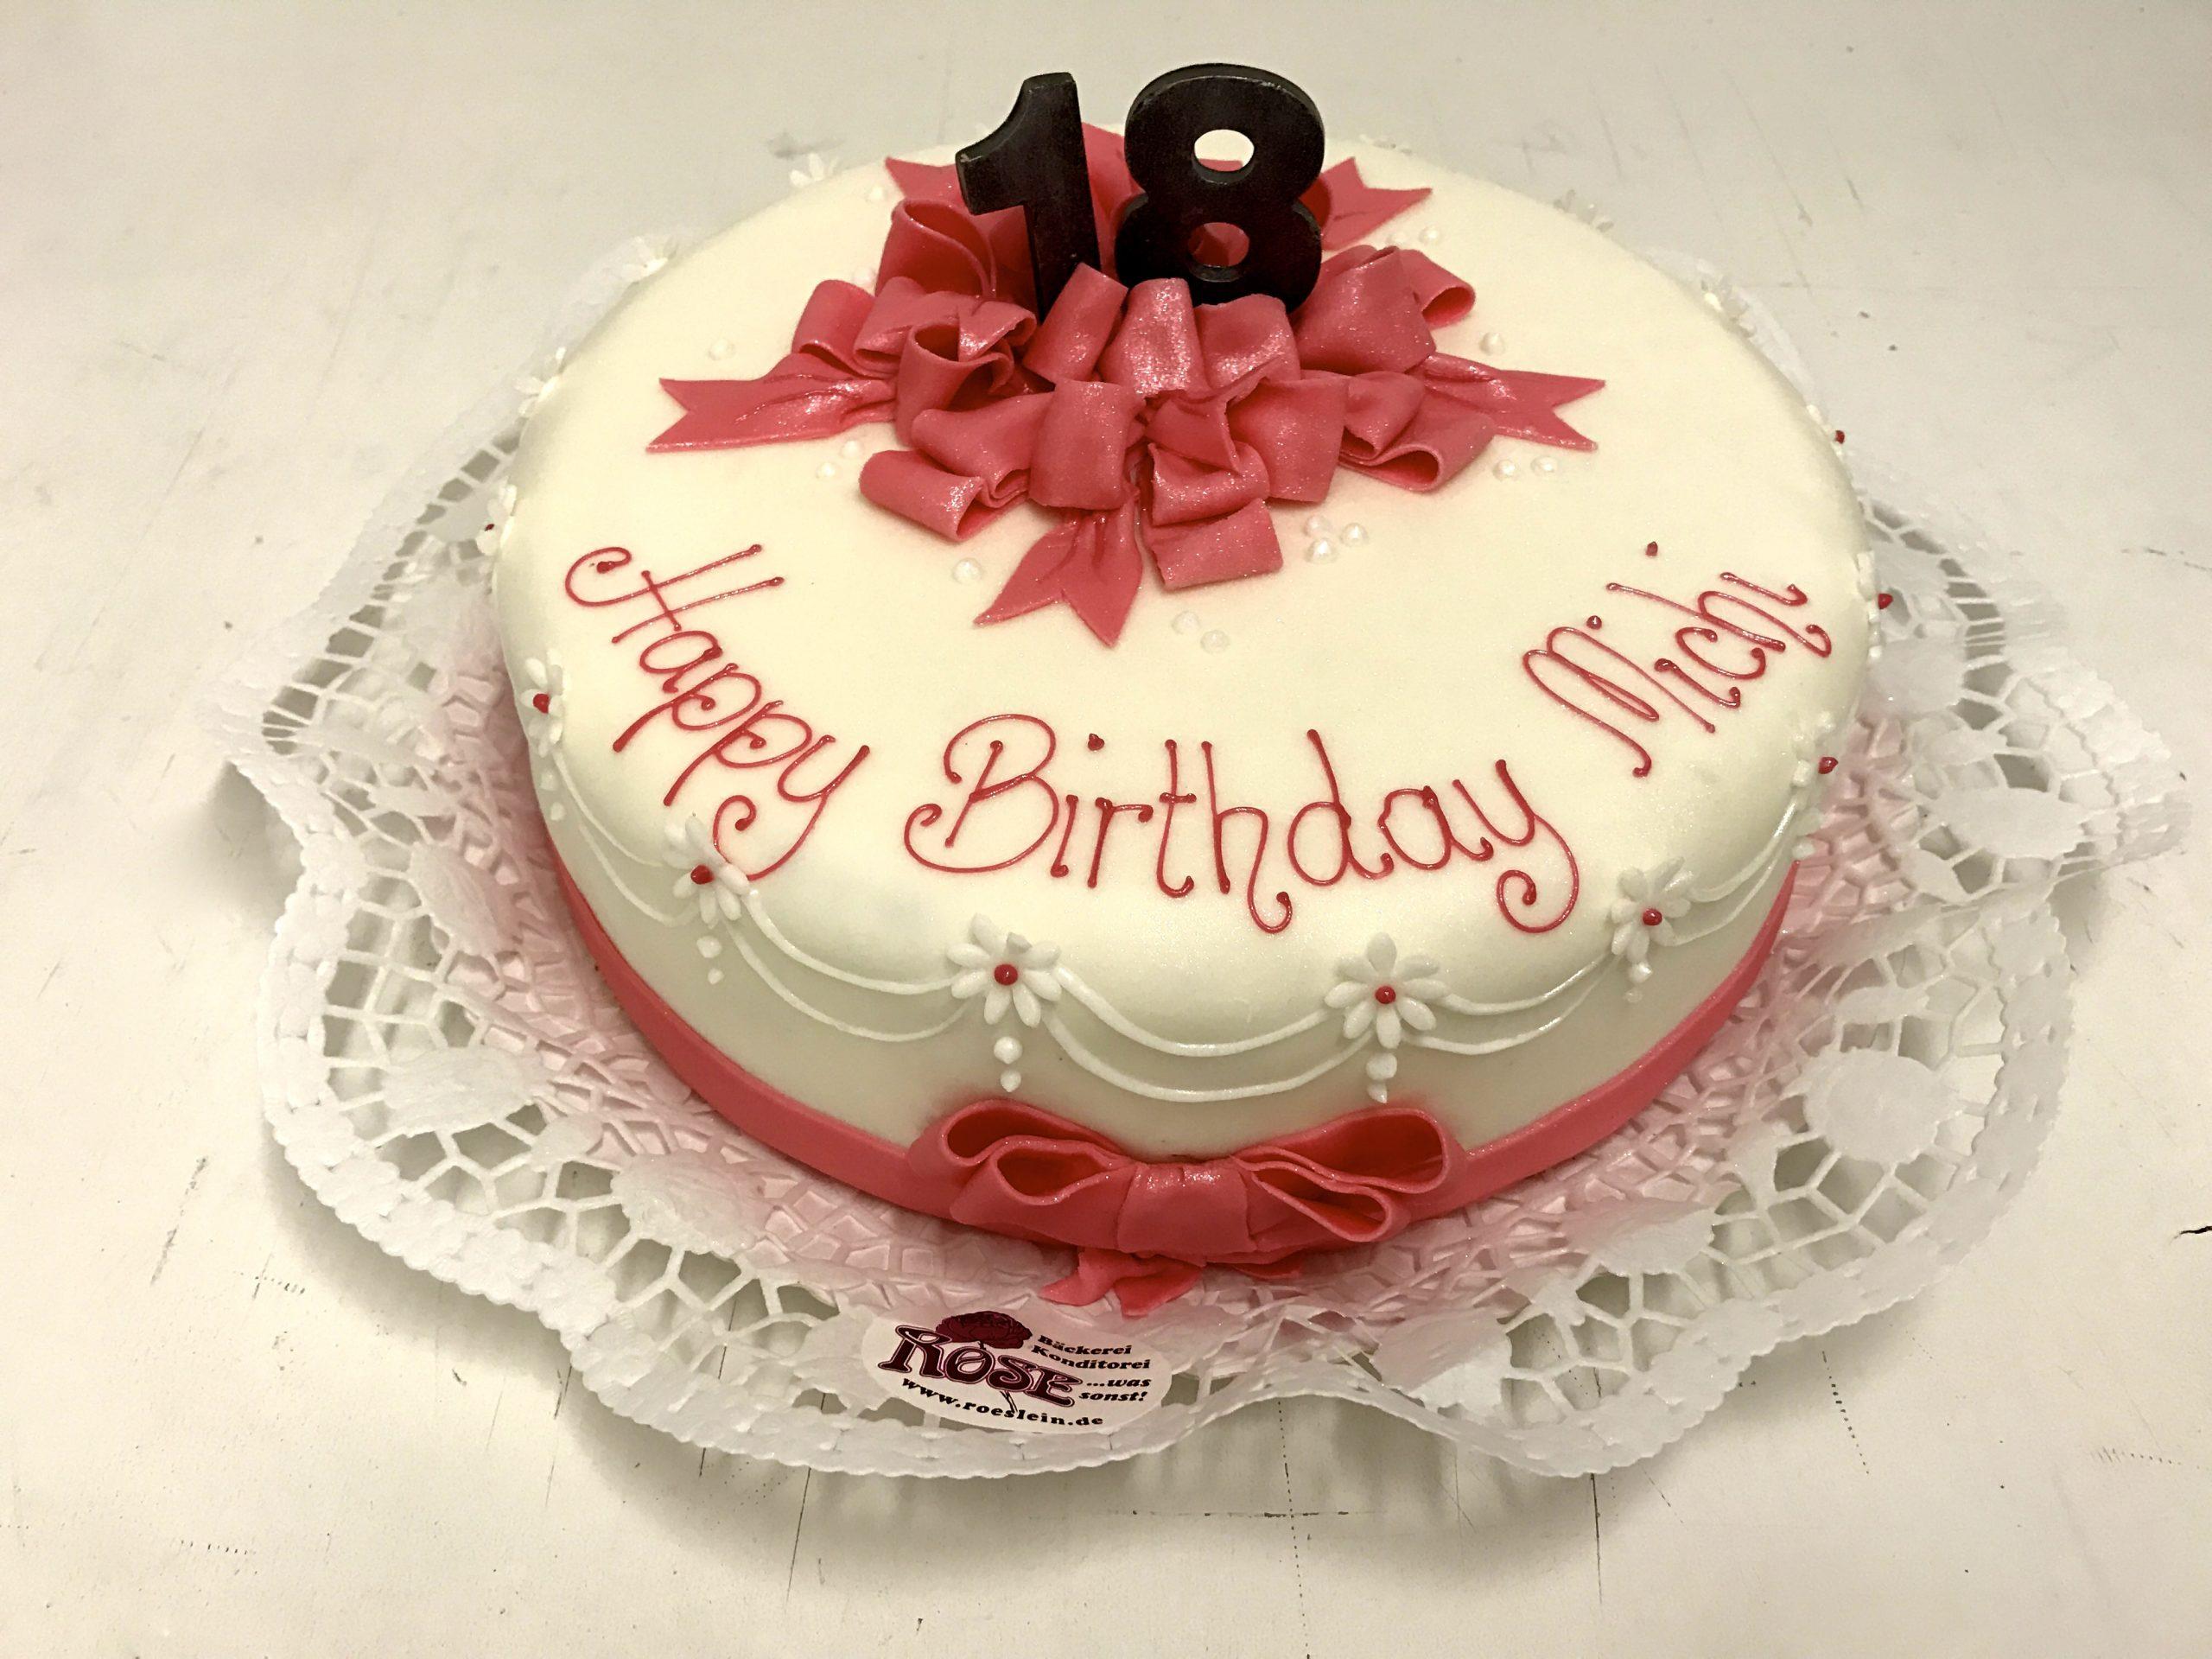 Roses Fantastische Geburtstagstorten innen Geburtstagstorten Bilder